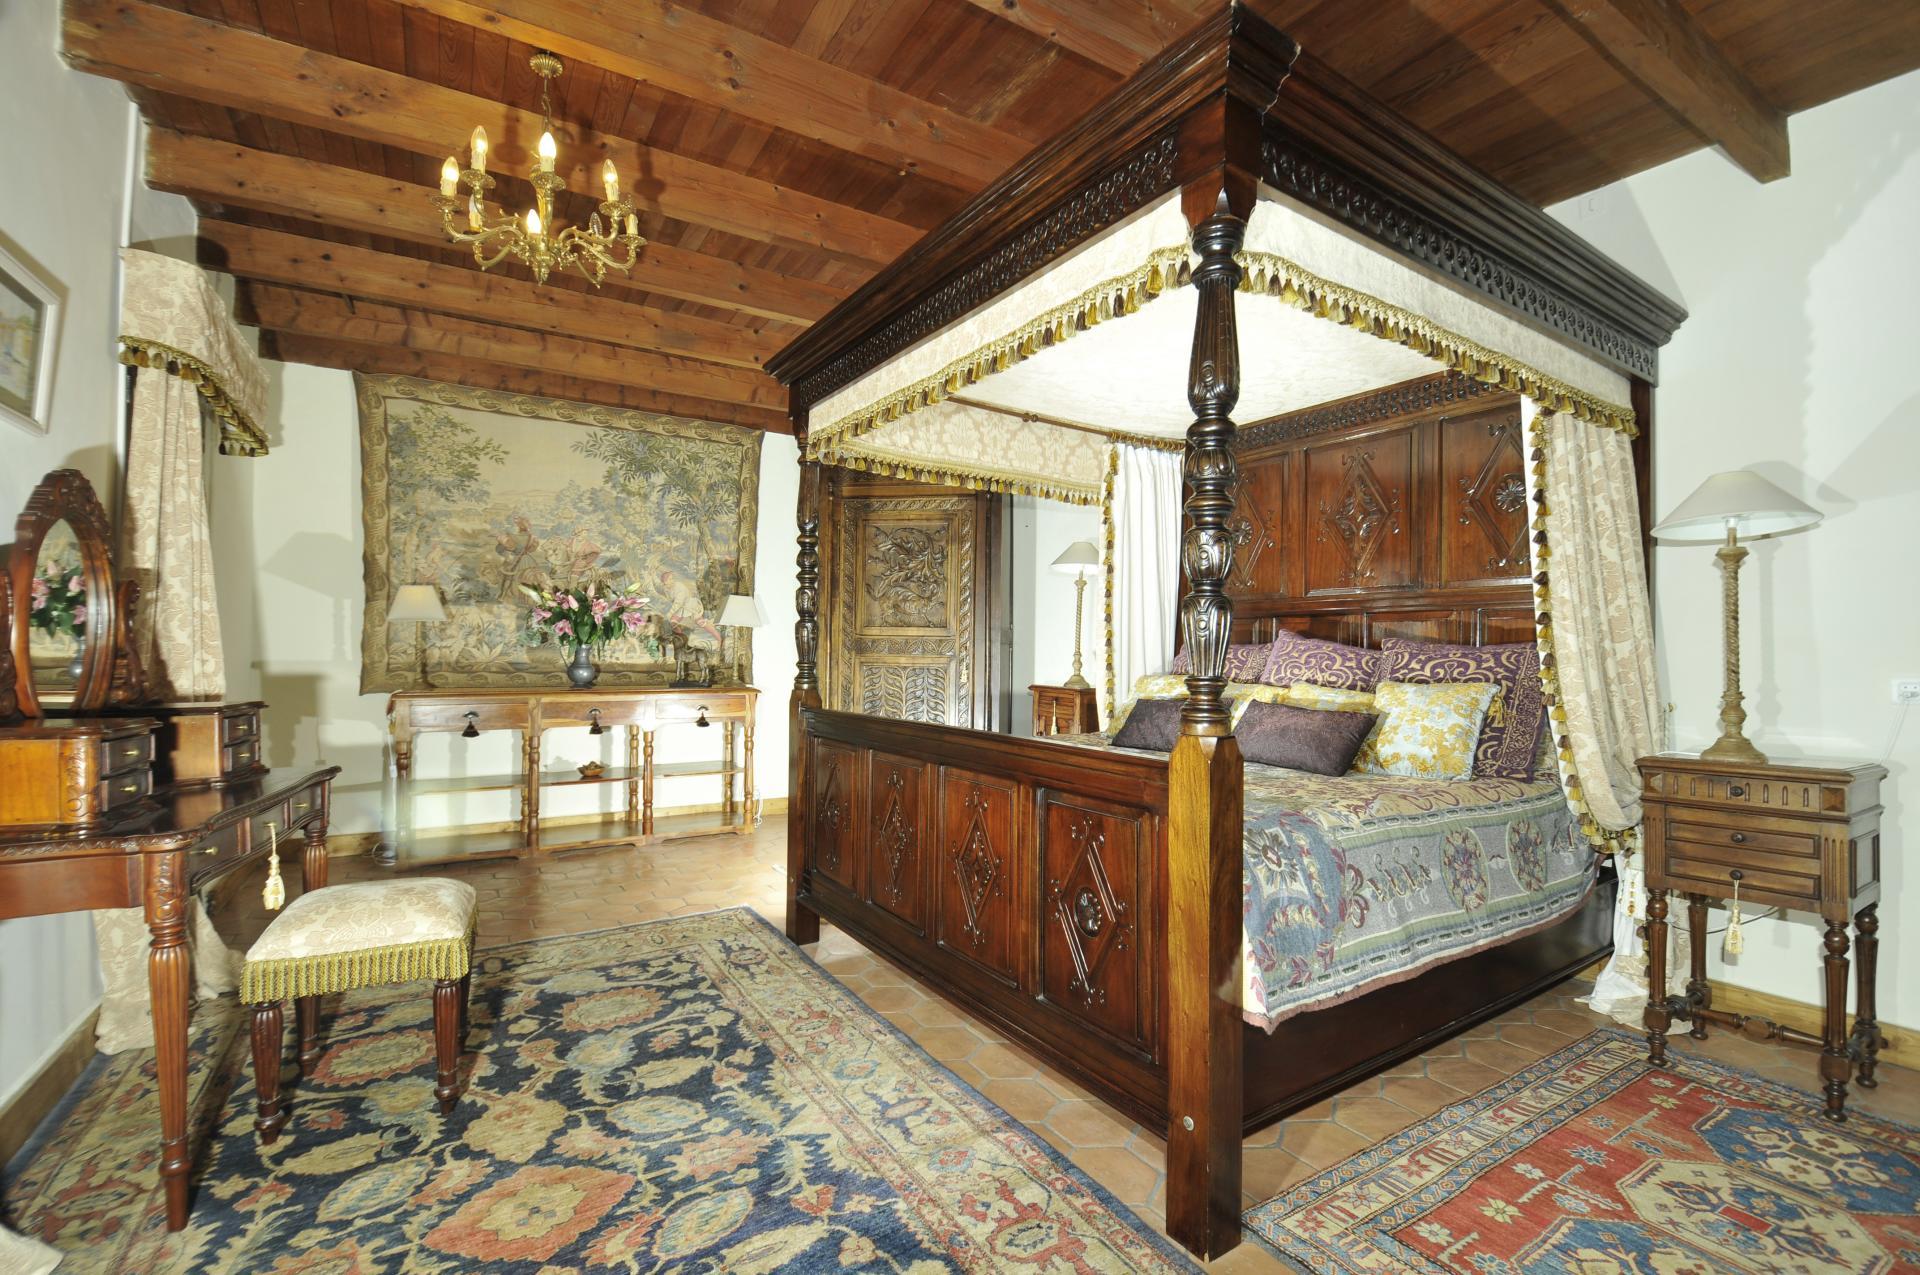 Bedroom 1, La Vieille Ferme, Saussignac, Dordogne.